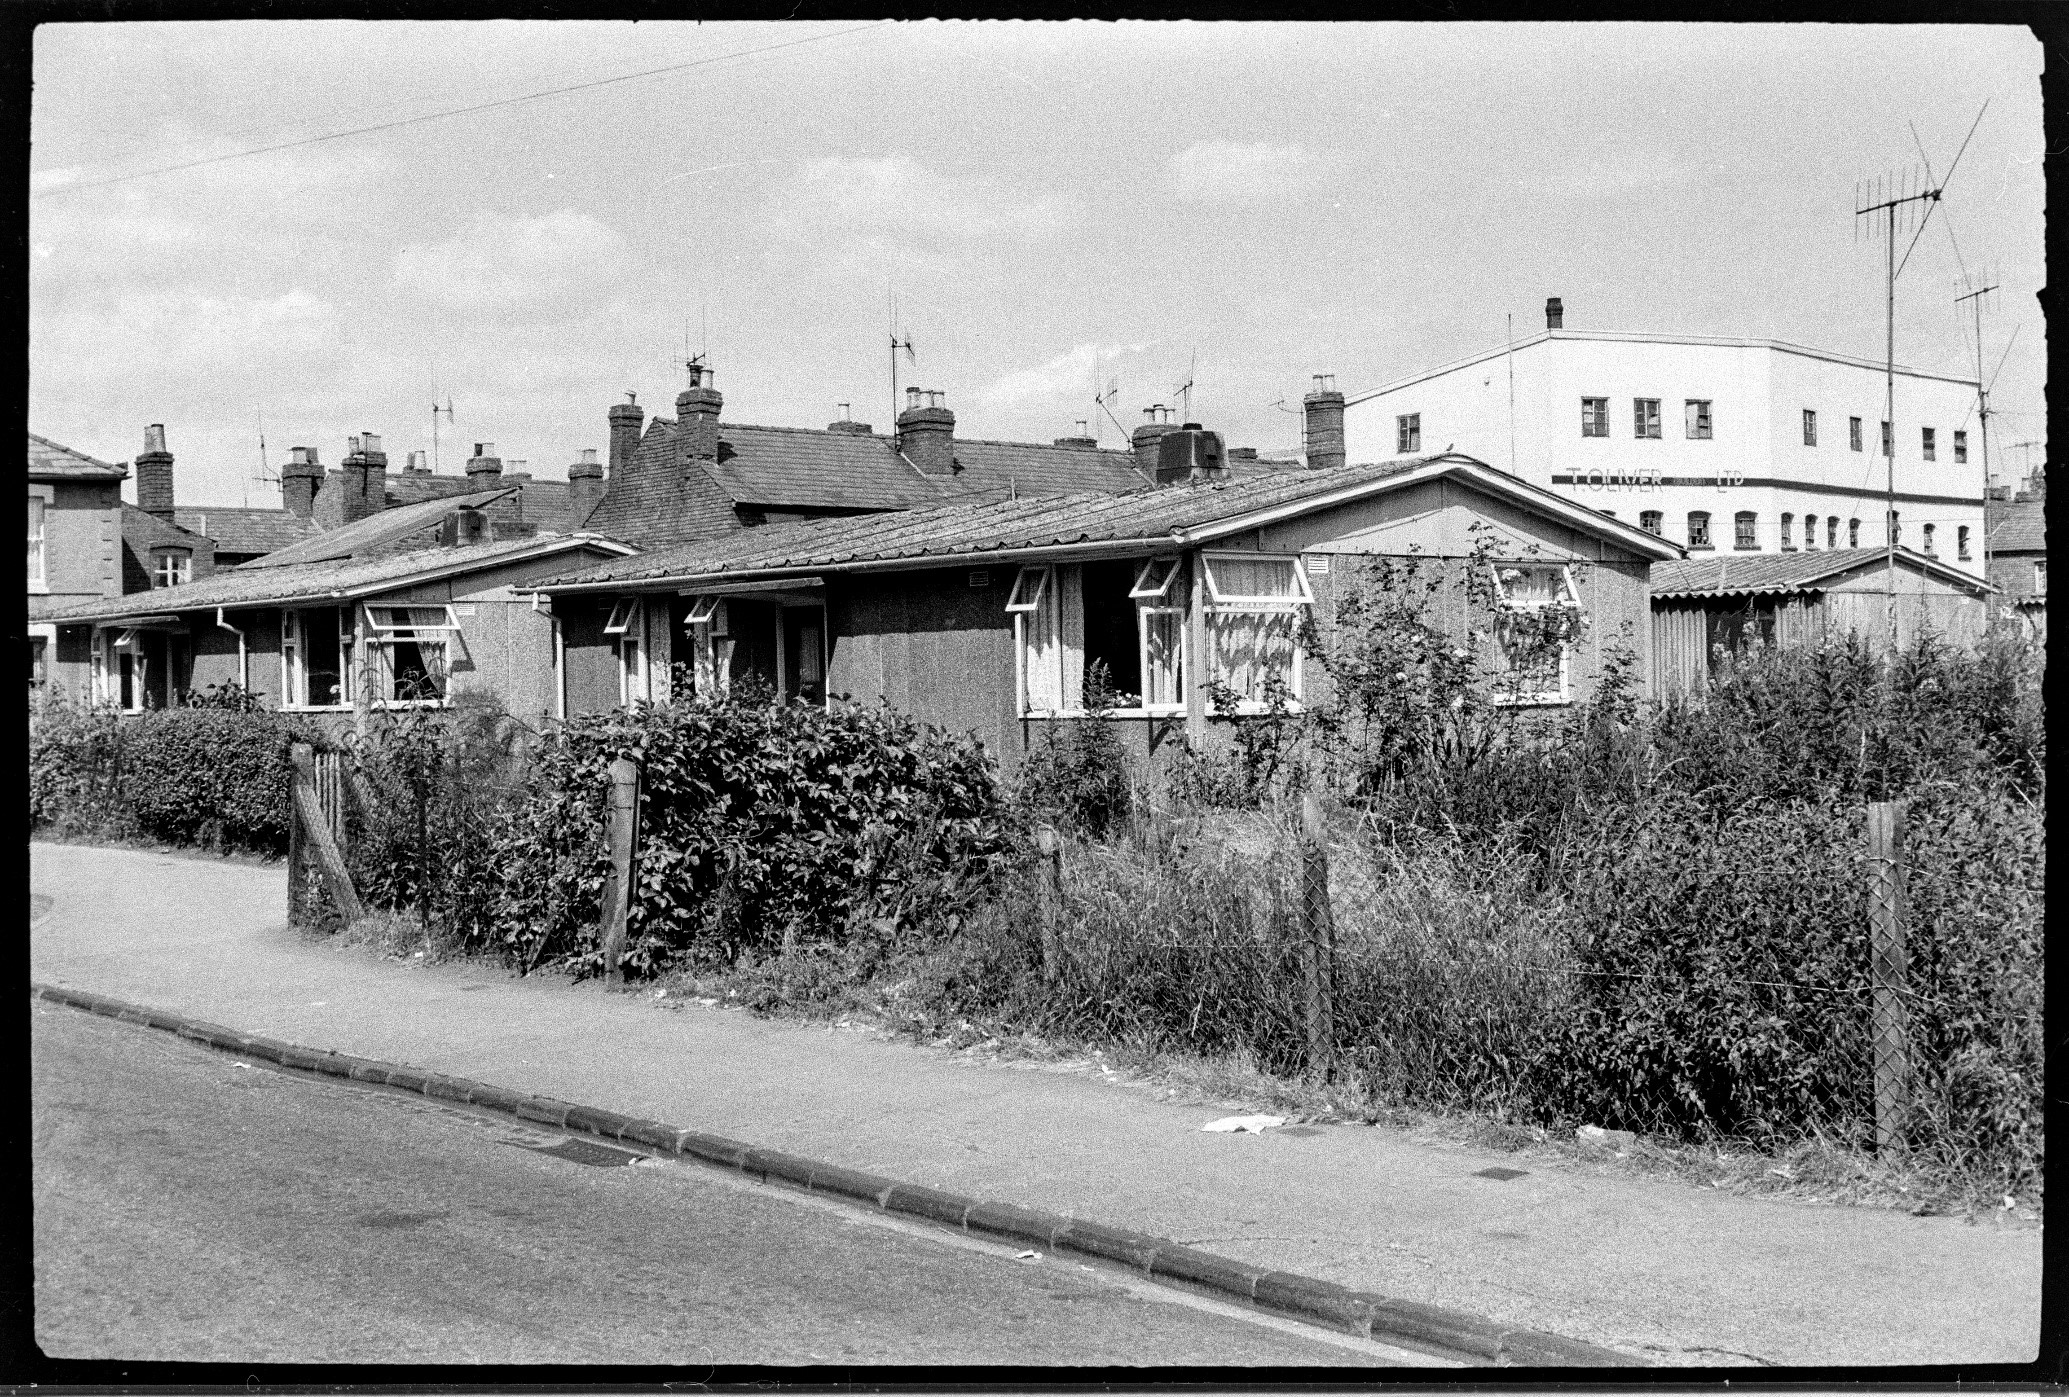 Pre fab housing in St Paul's Street, c 1960